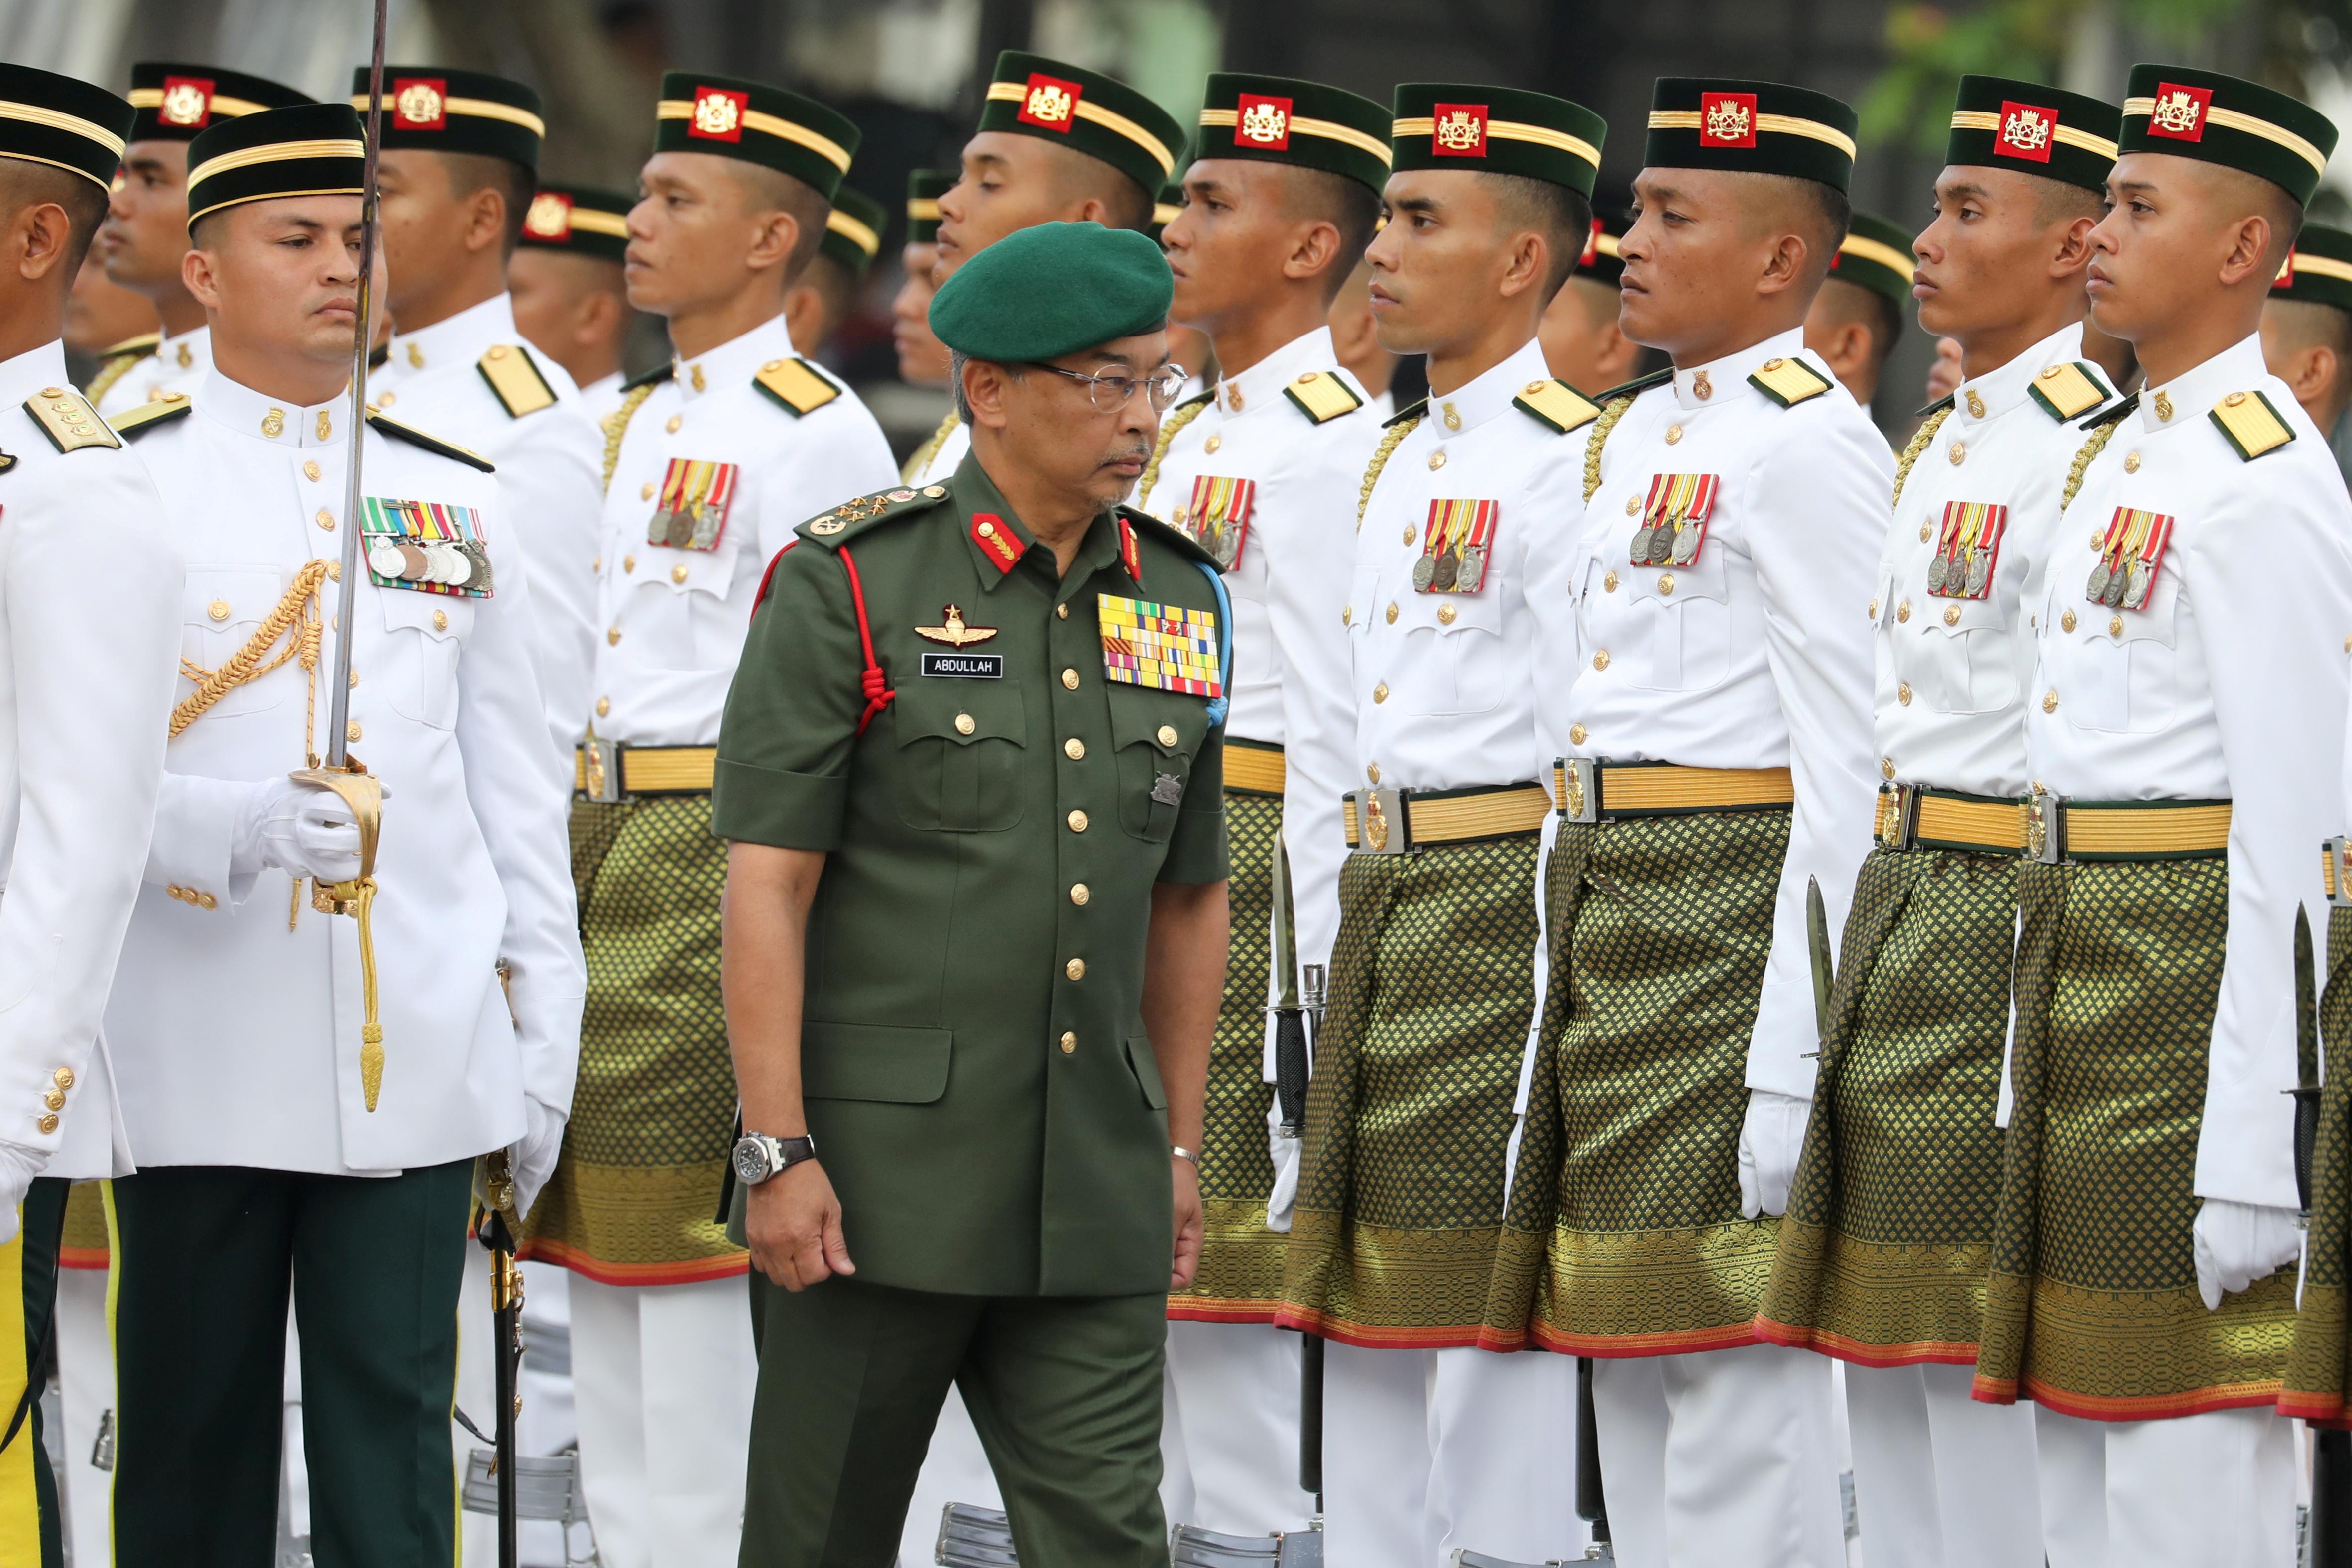 马来西亚国王 Al-Sultan Abdullah Ri'ayatuddin Al-Mustafa Billah Shah 在 2019 年 8 月 31 日在马来西亚布城举行的第 62 届独立日(独立日)庆祝活动中检阅仪仗队。REUTERS/Lim Huey Teng/文件照片